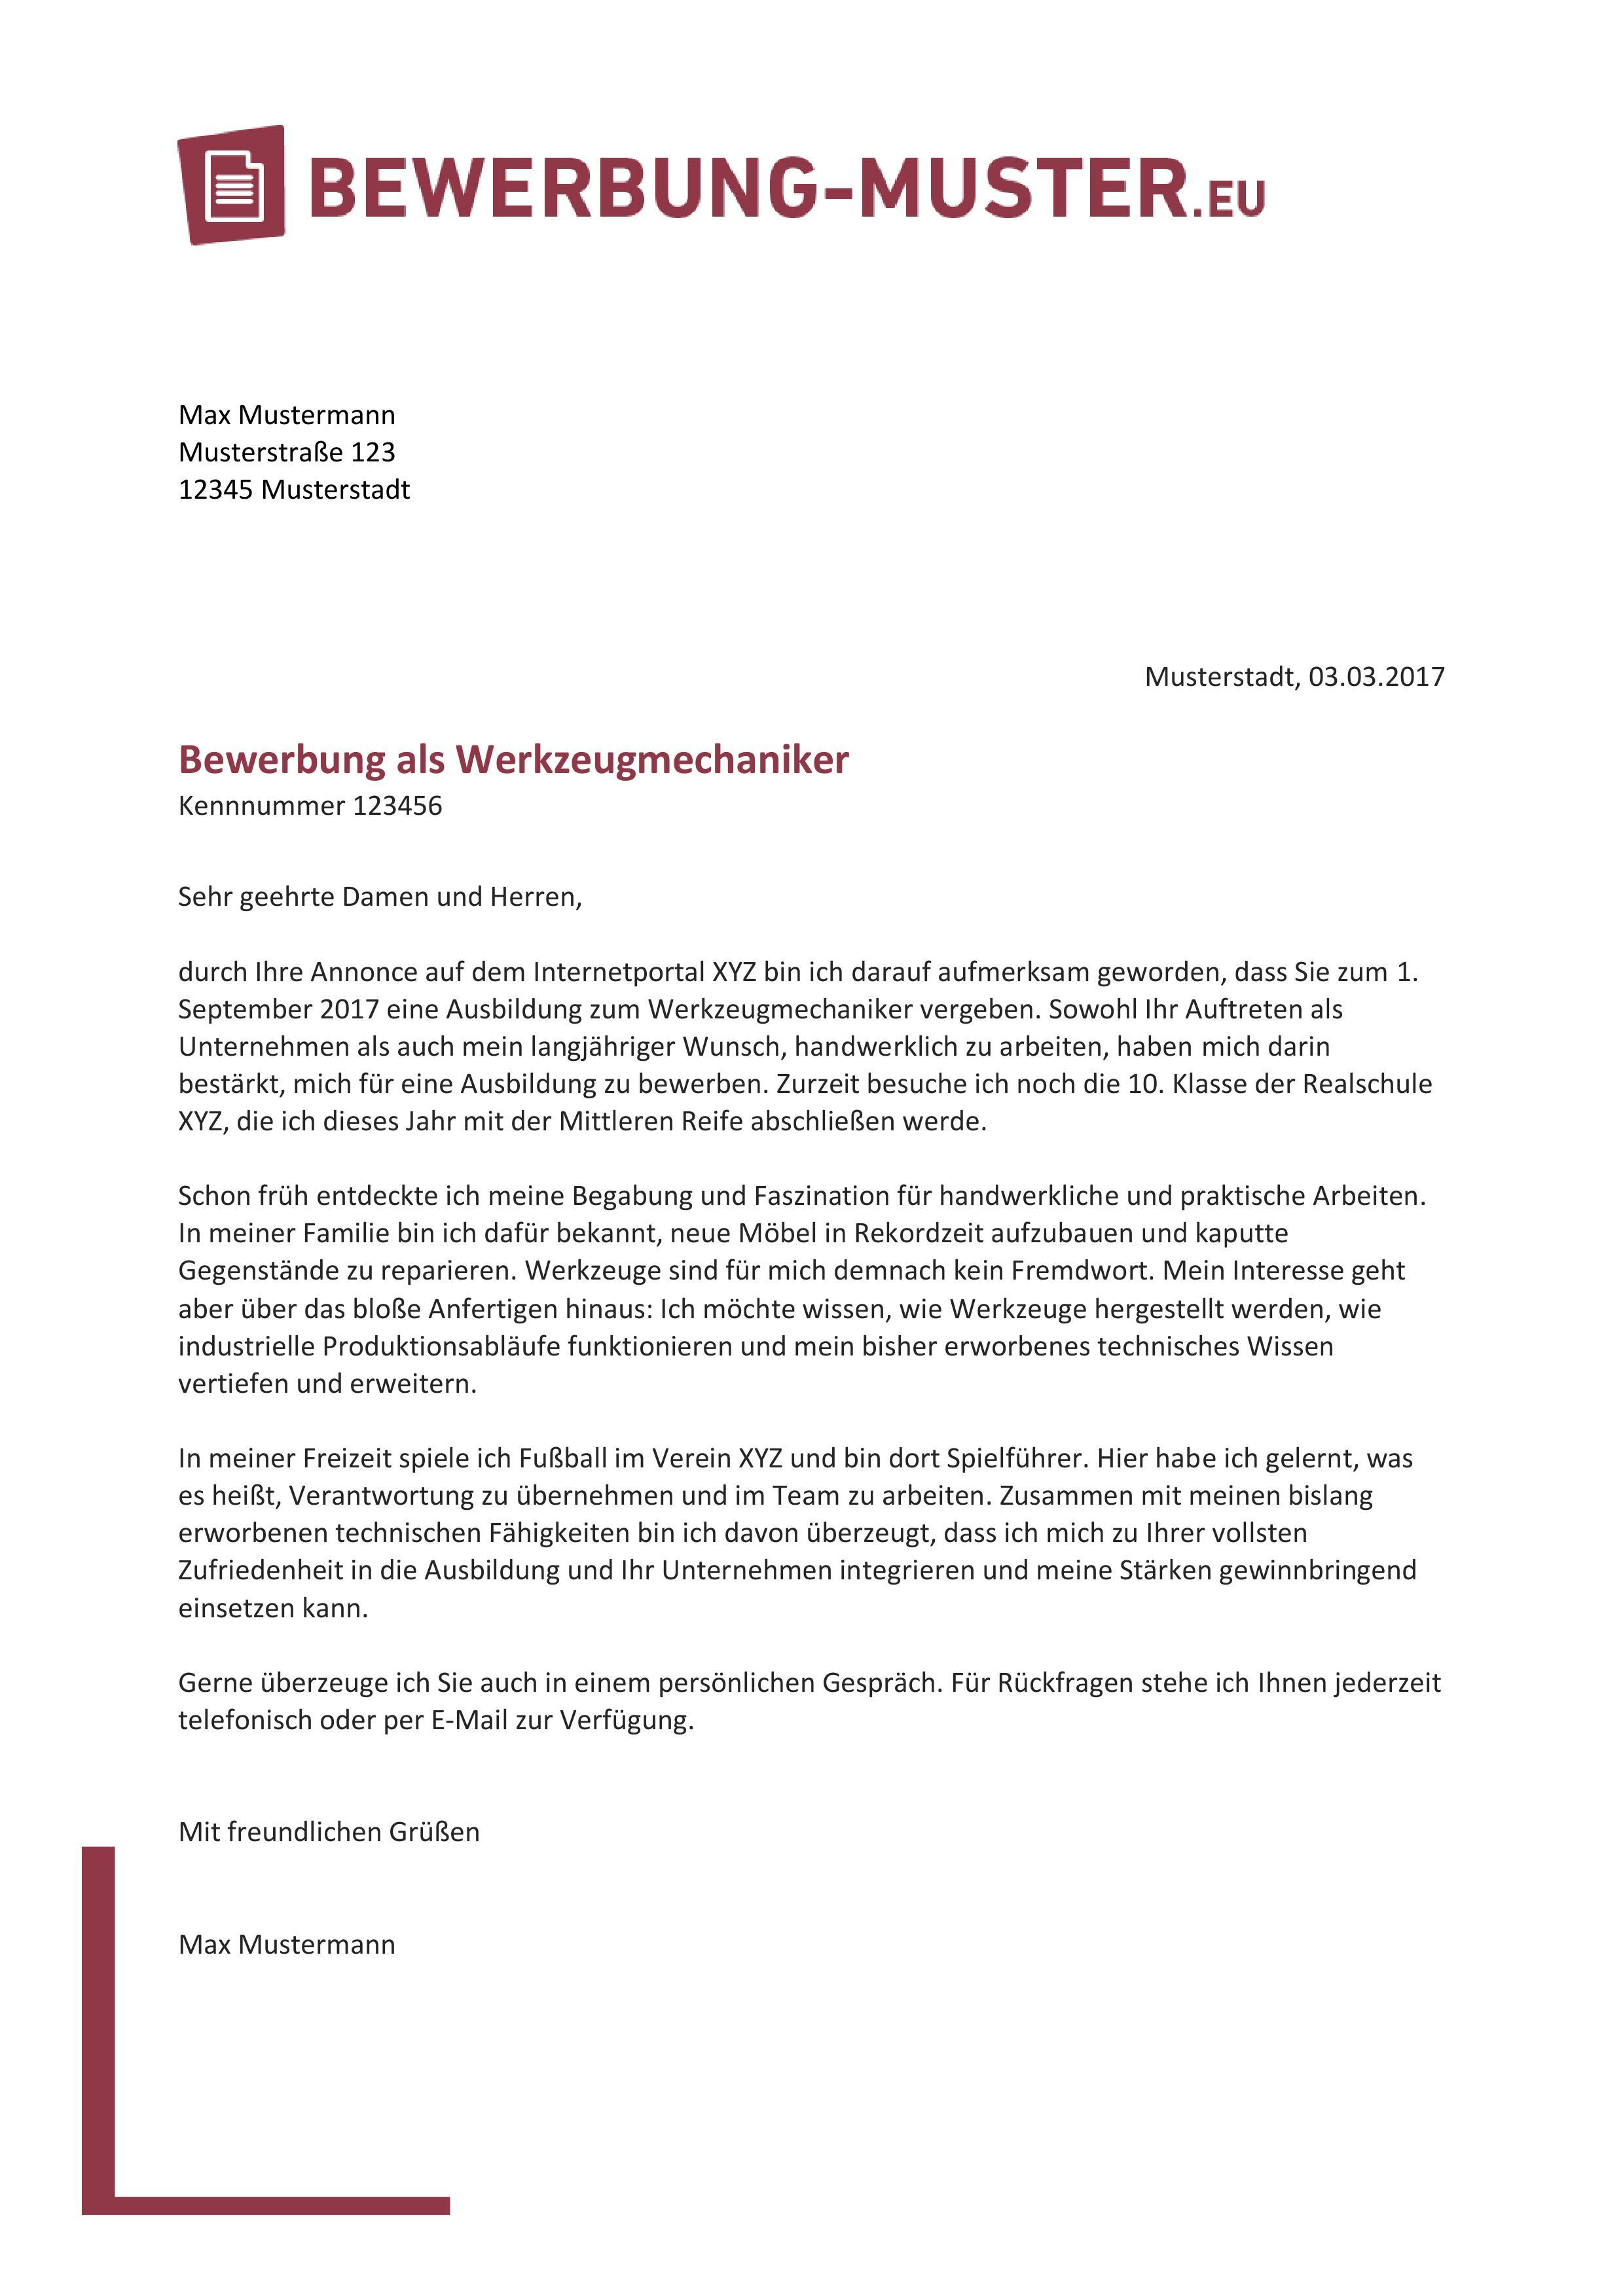 Vorlage Anschreiben Werkzeugmechaniker/in